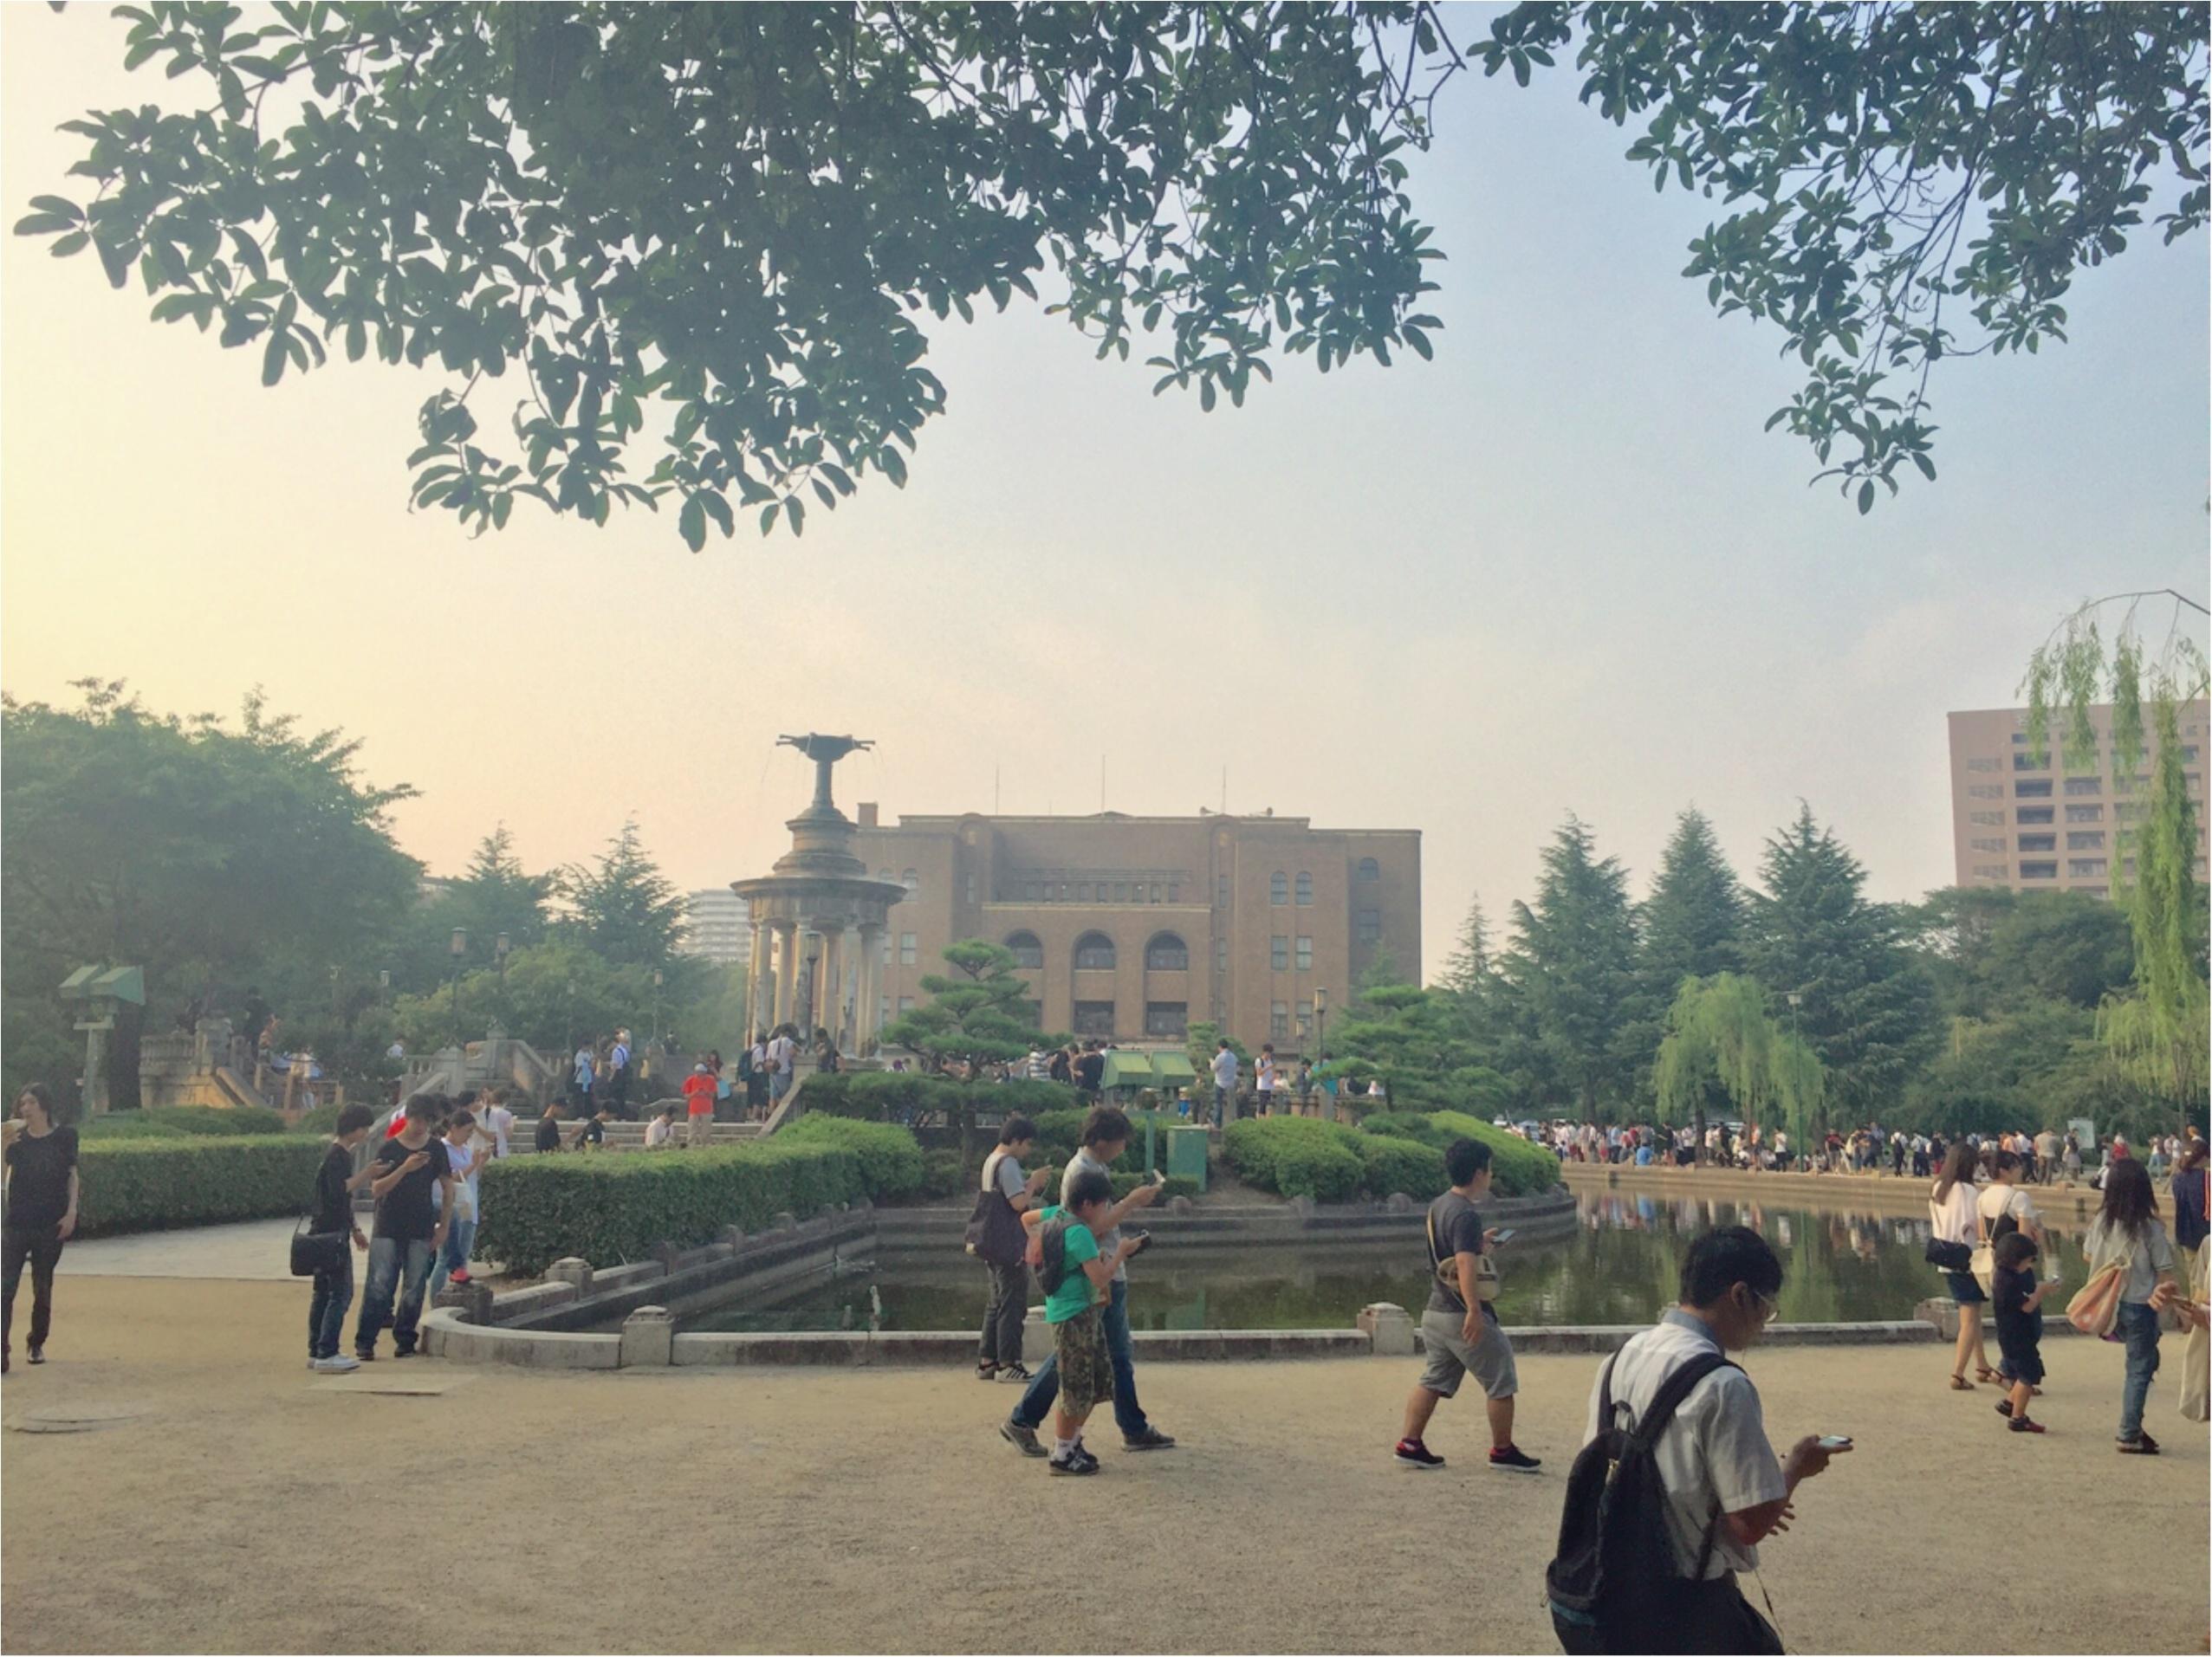 ポケモンの聖地⁉モンスターボールの形をした【名古屋の鶴舞公園】近くのおしゃれカフェ♡_1